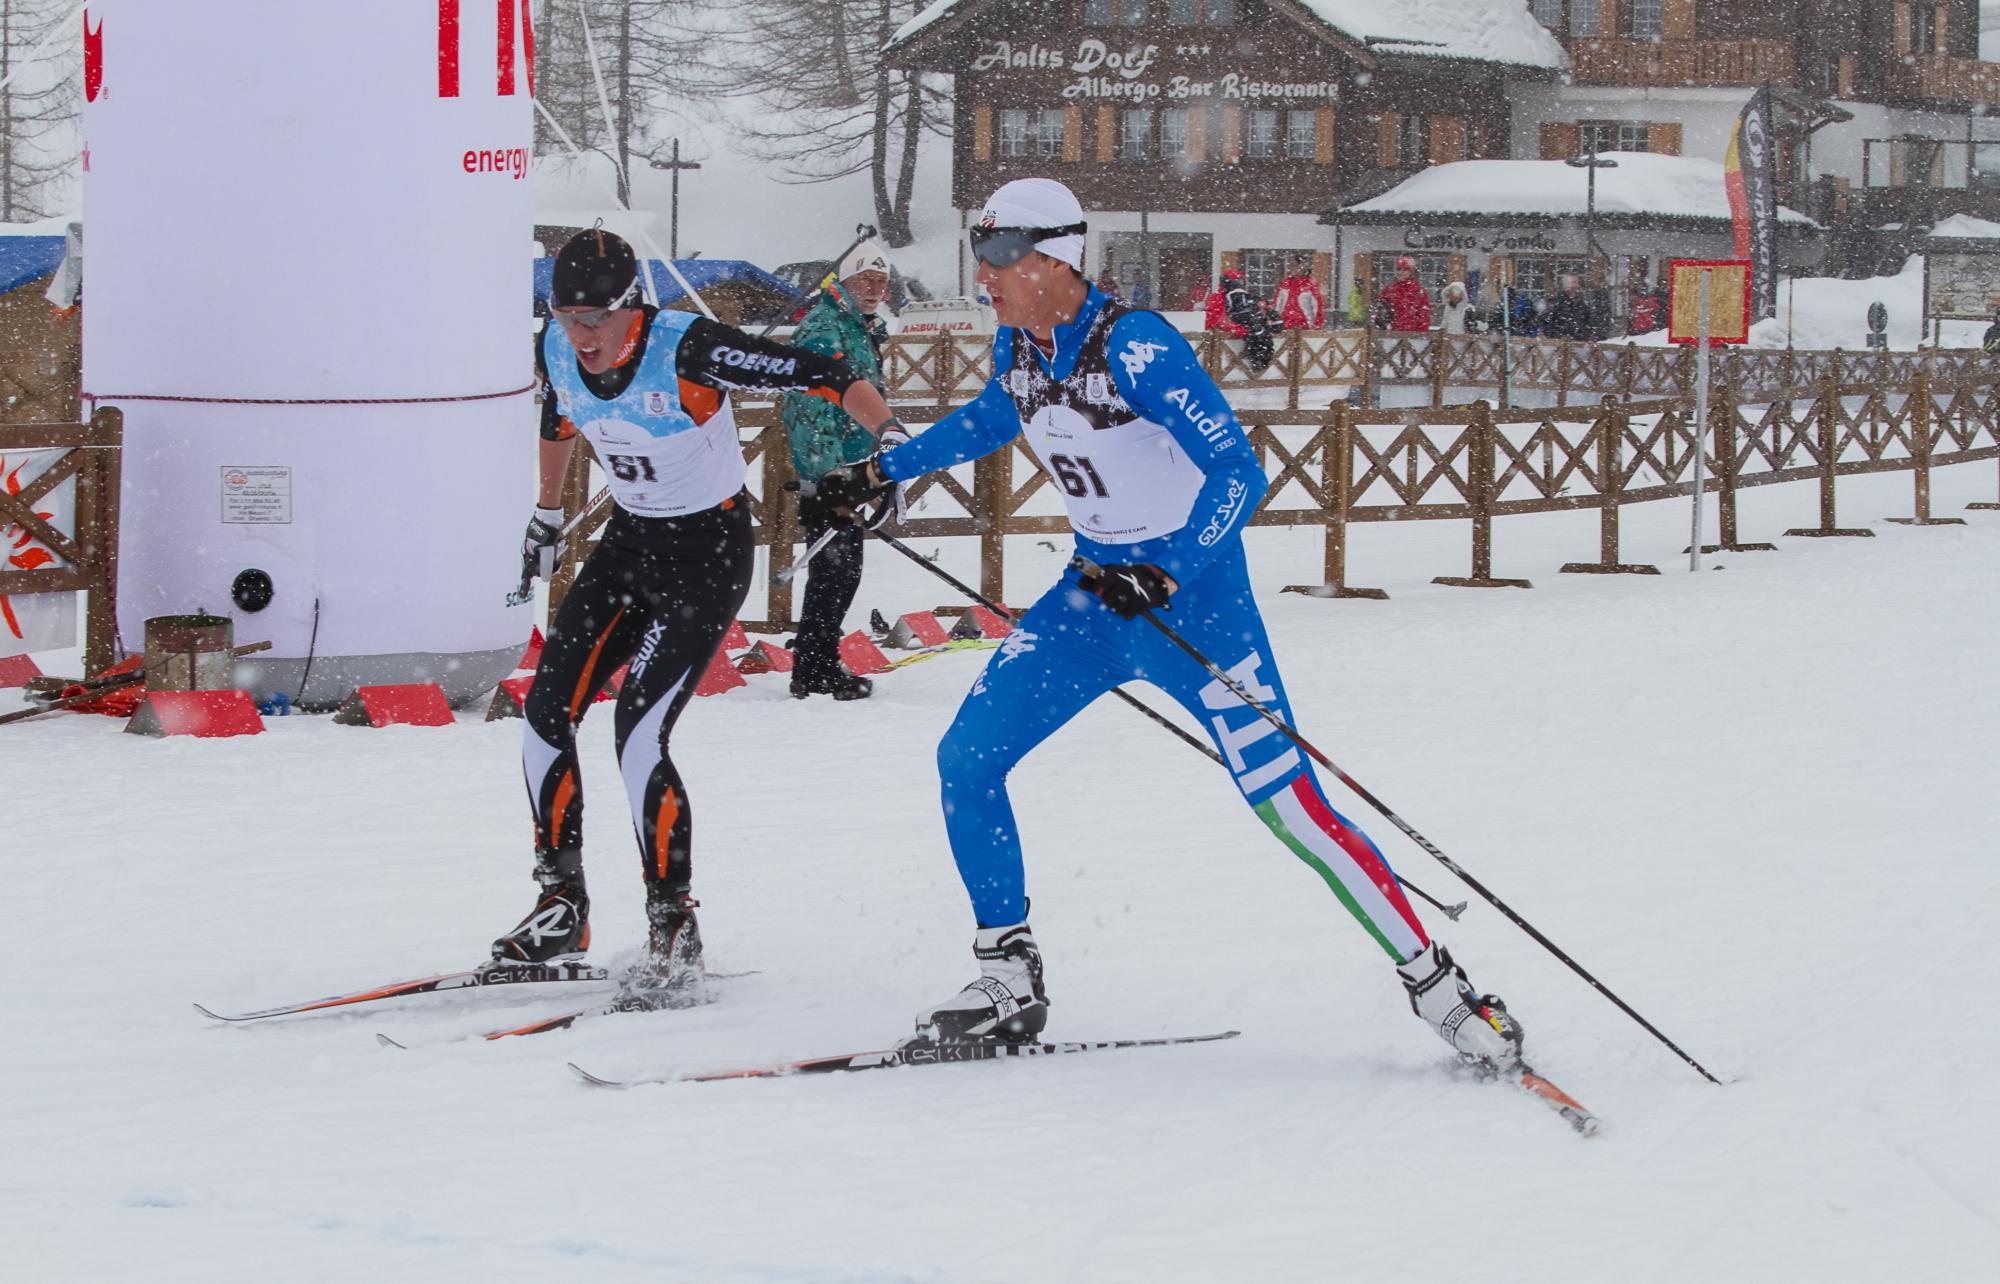 Conclusi i Campionati Regionali di sci di fondo a Riale Val Formazza